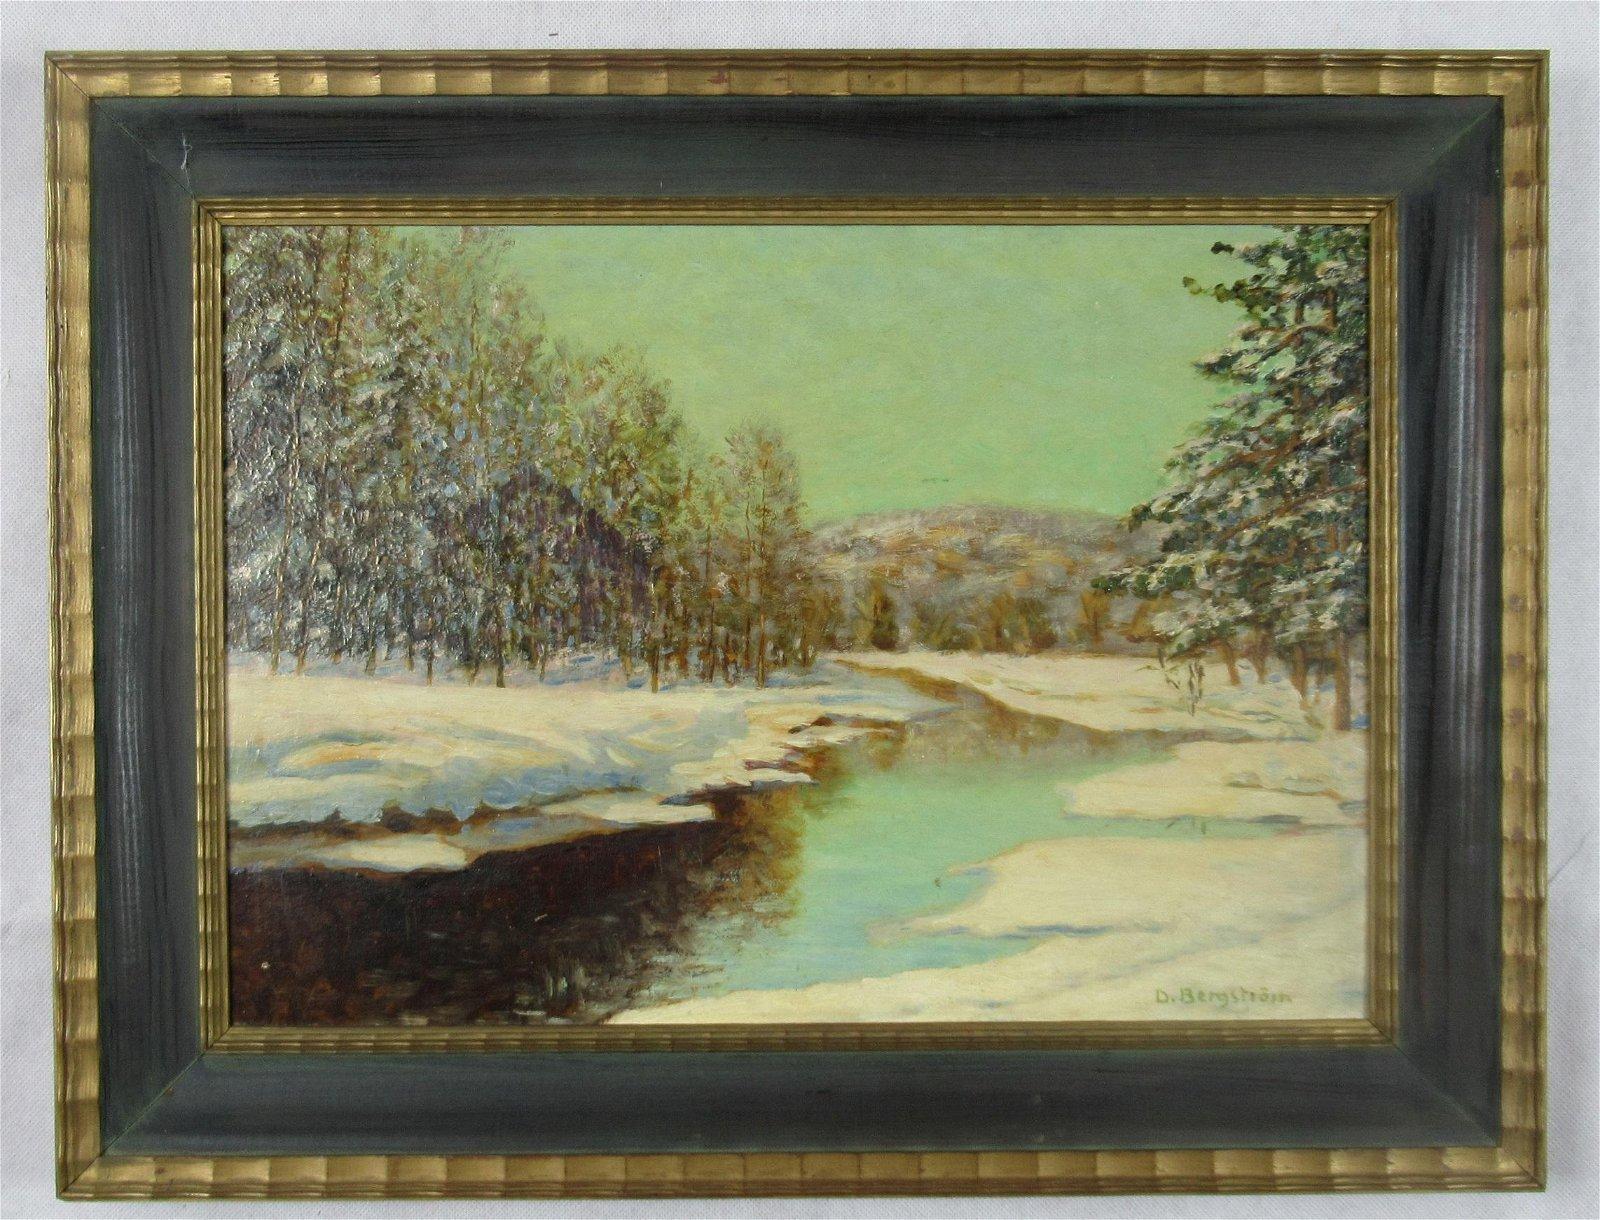 D. Bertgstrom oil painting